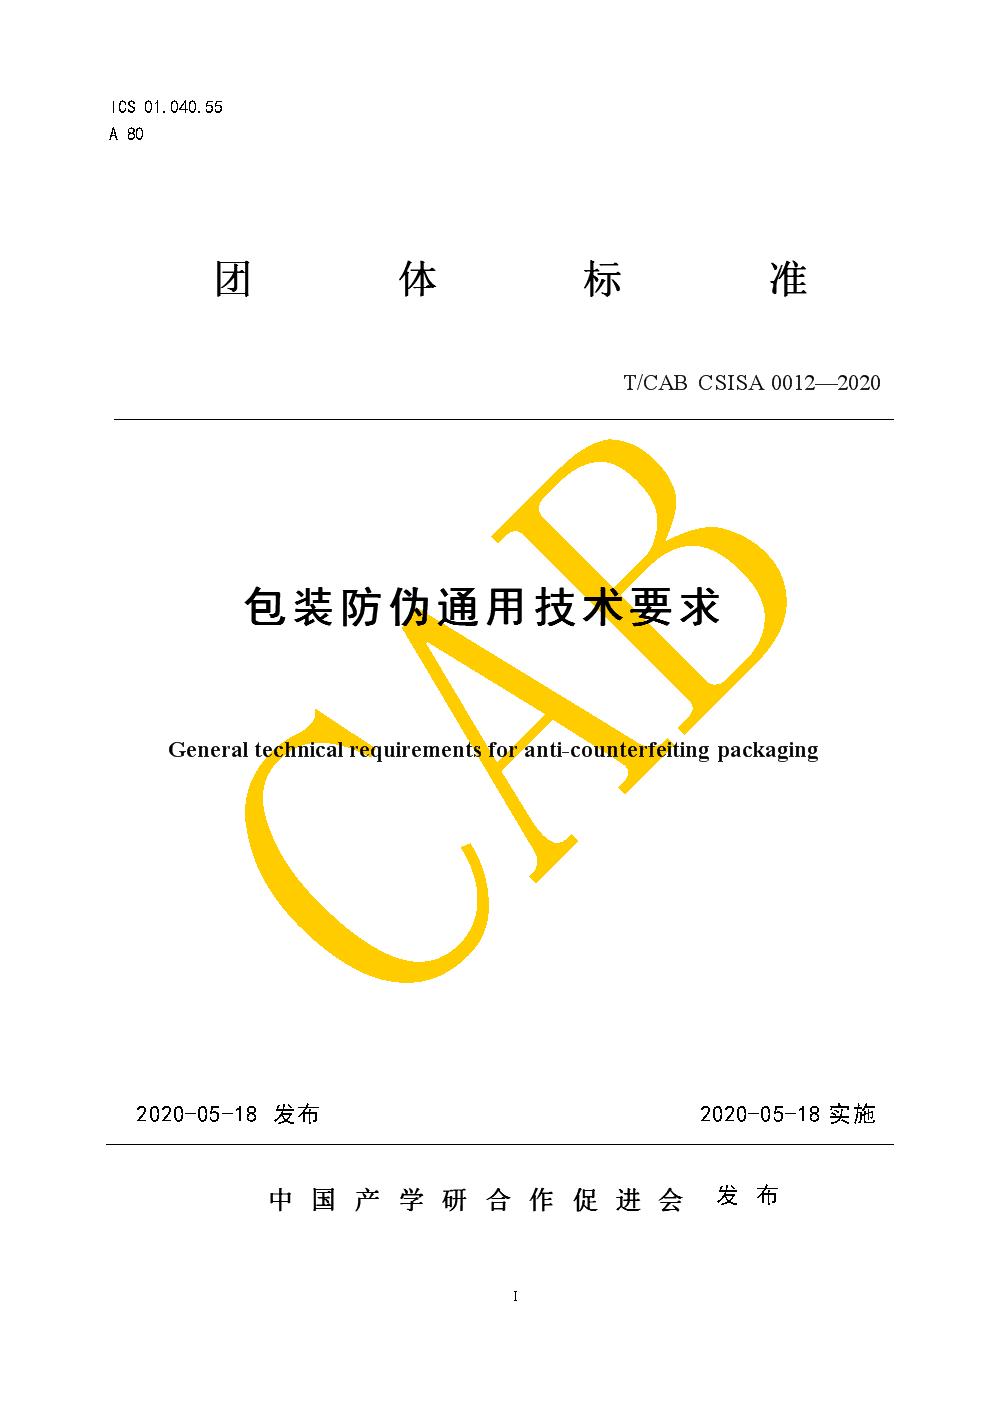 TCAB CSISA0012-2020包裝防偽通用技術要求.docx